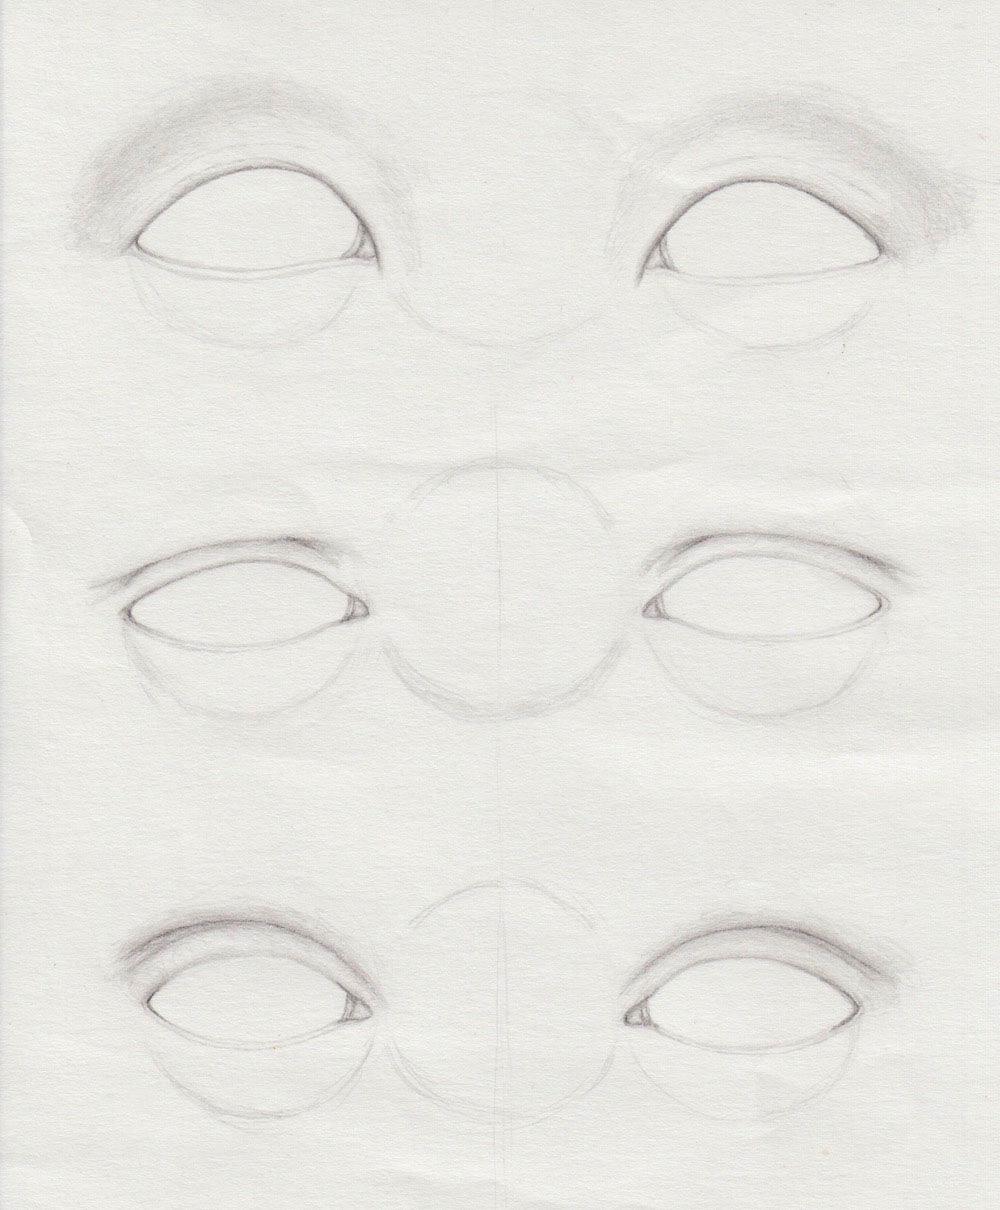 verschiedene Augen zeichnen